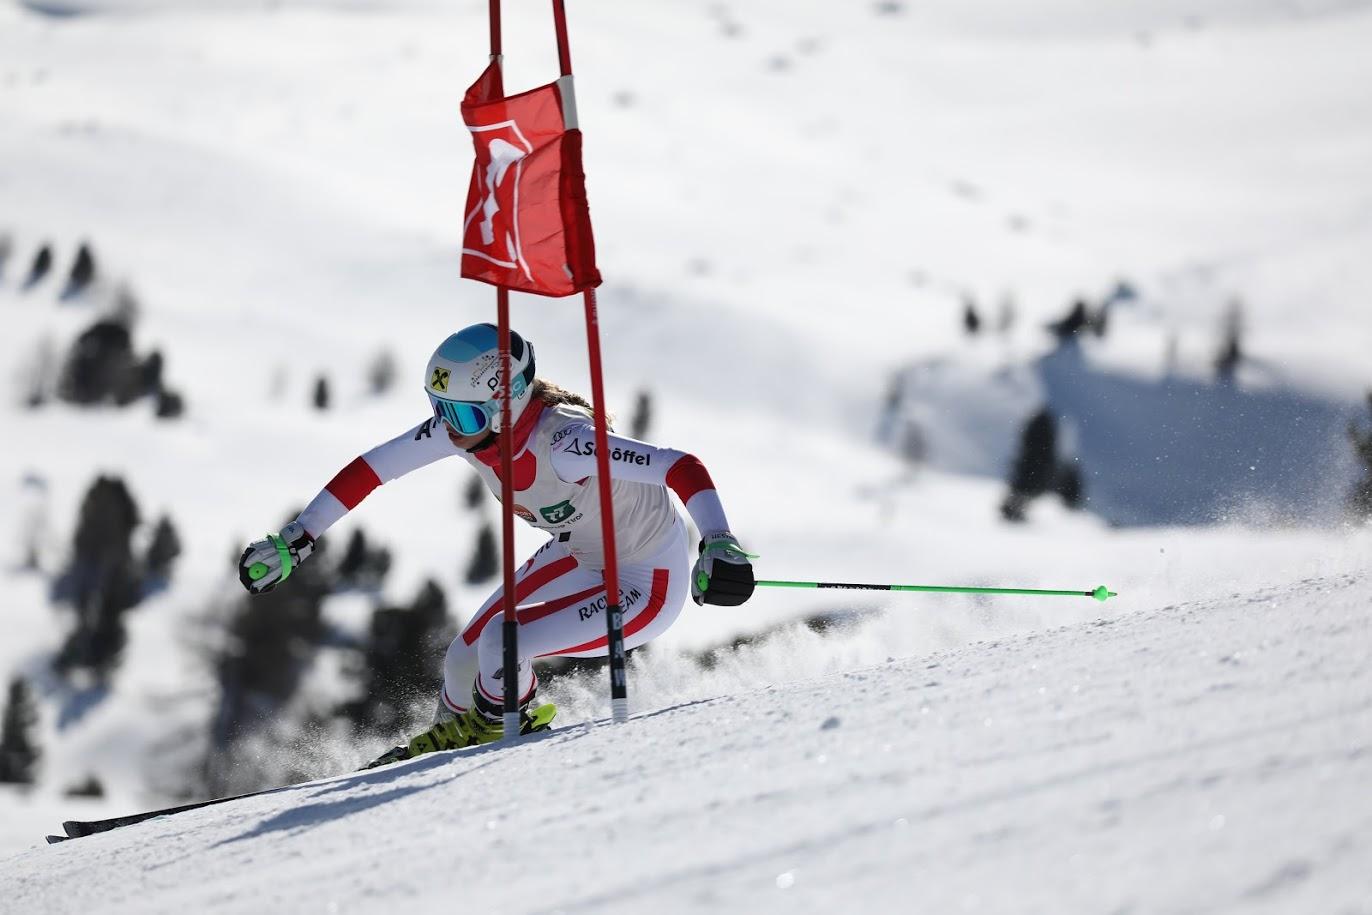 Lena Maria Ehrhart Skibild 3